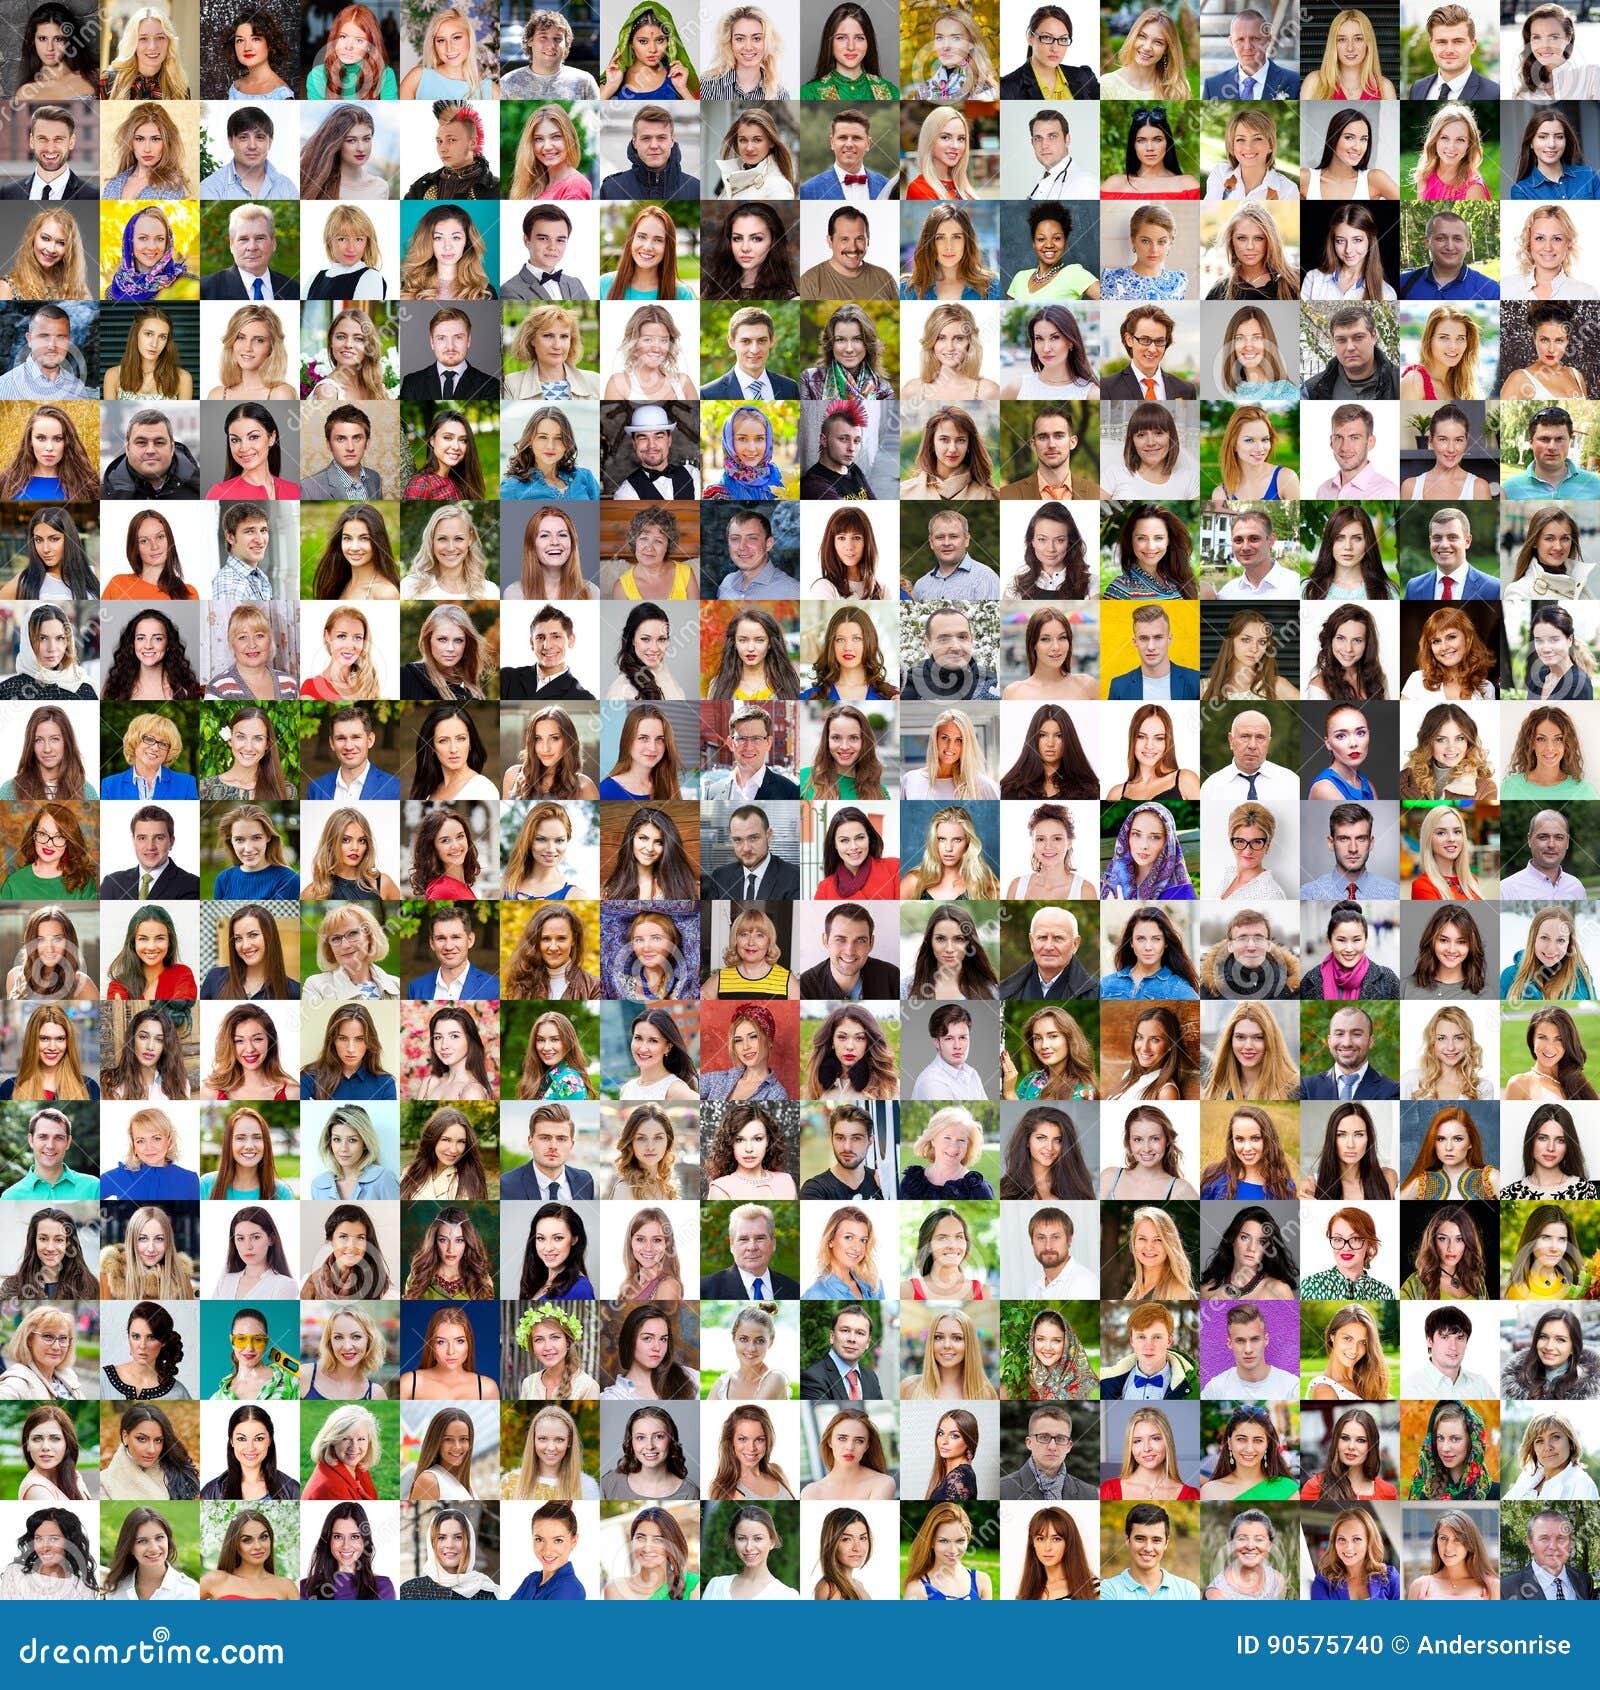 cdb8b85749 Colección de diversas mujeres y de hombres caucásicos que se extienden a  partir del 18